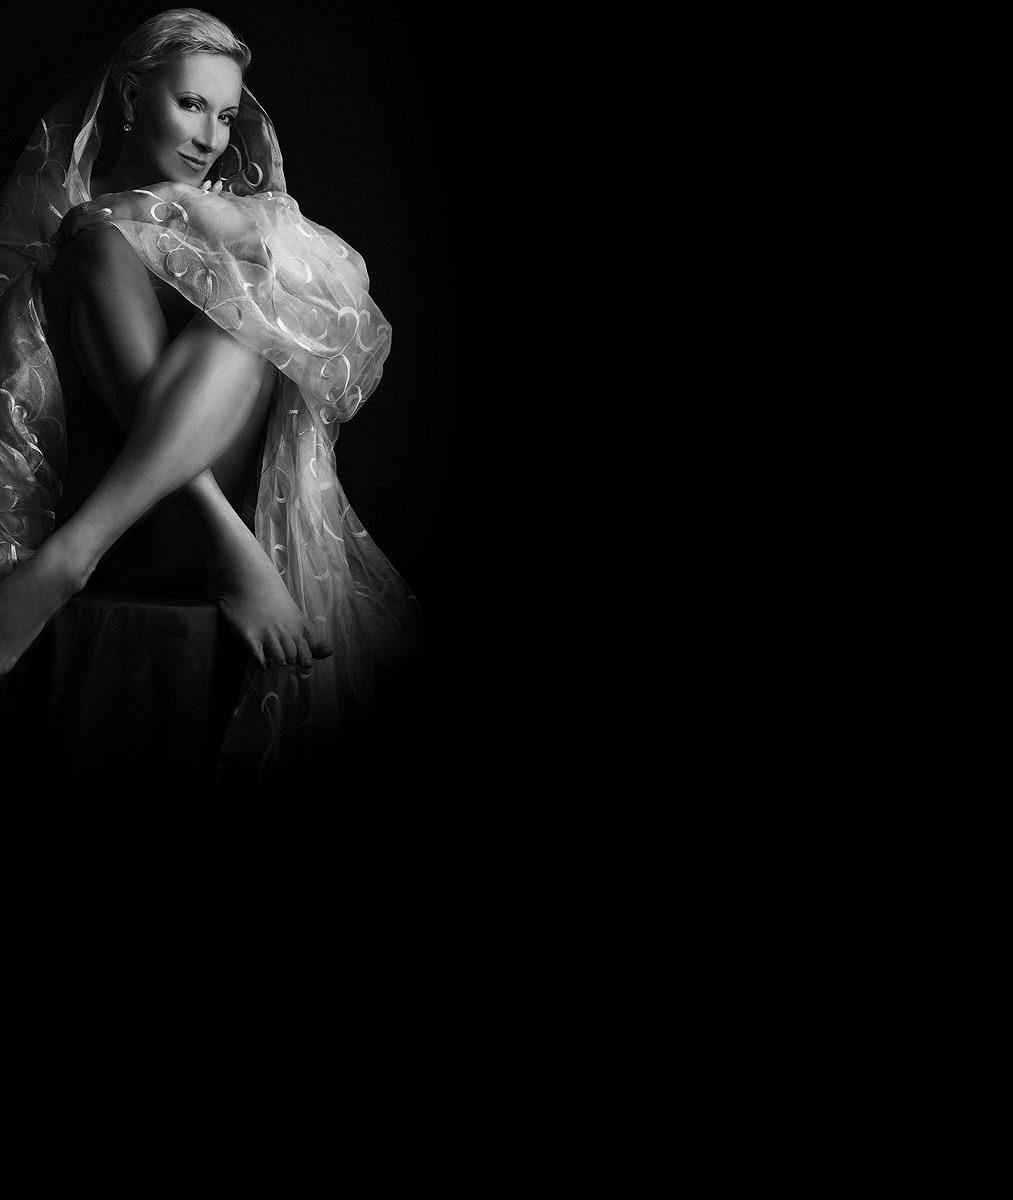 Akty, které nafotila kpadesátinám, to neskončilo: Líbí se vám známá zpěvačka na lechtivých fotkách?